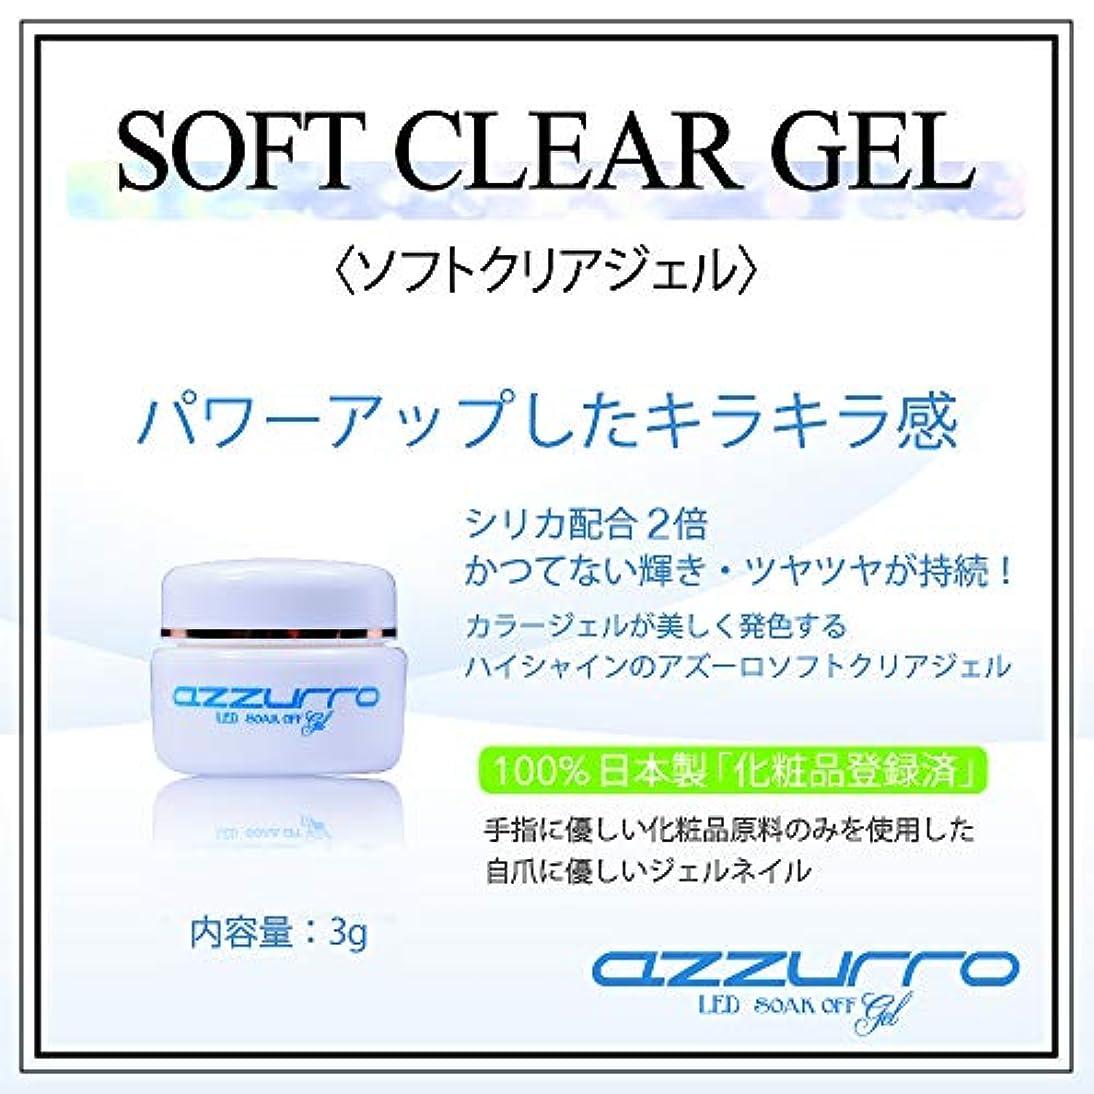 不器用十分競合他社選手azzurro gel アッズーロ ソフトクリアージェル ツヤツヤ キラキラ感持続 抜群のツヤ 爪に優しい日本製 3g